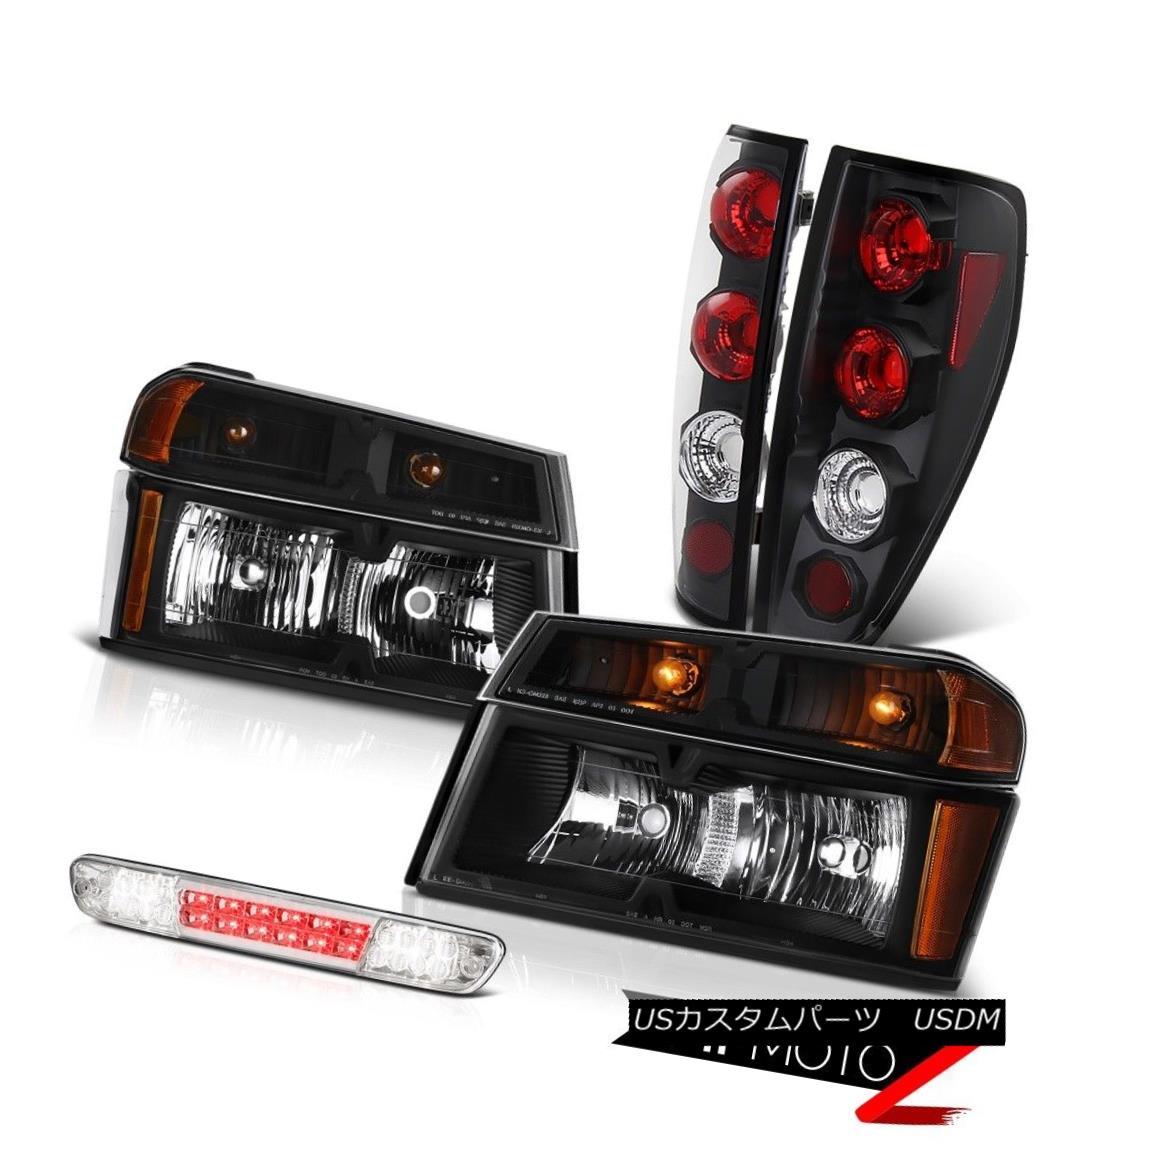 テールライト 2004-2012 Canyon Sle Raven Black Headlights Taillights Chrome Roof Cargo Lamp 2004-2012キャニオンスリーレイブンブラックヘッドライトテールランズクロームルーフカーゴランプ